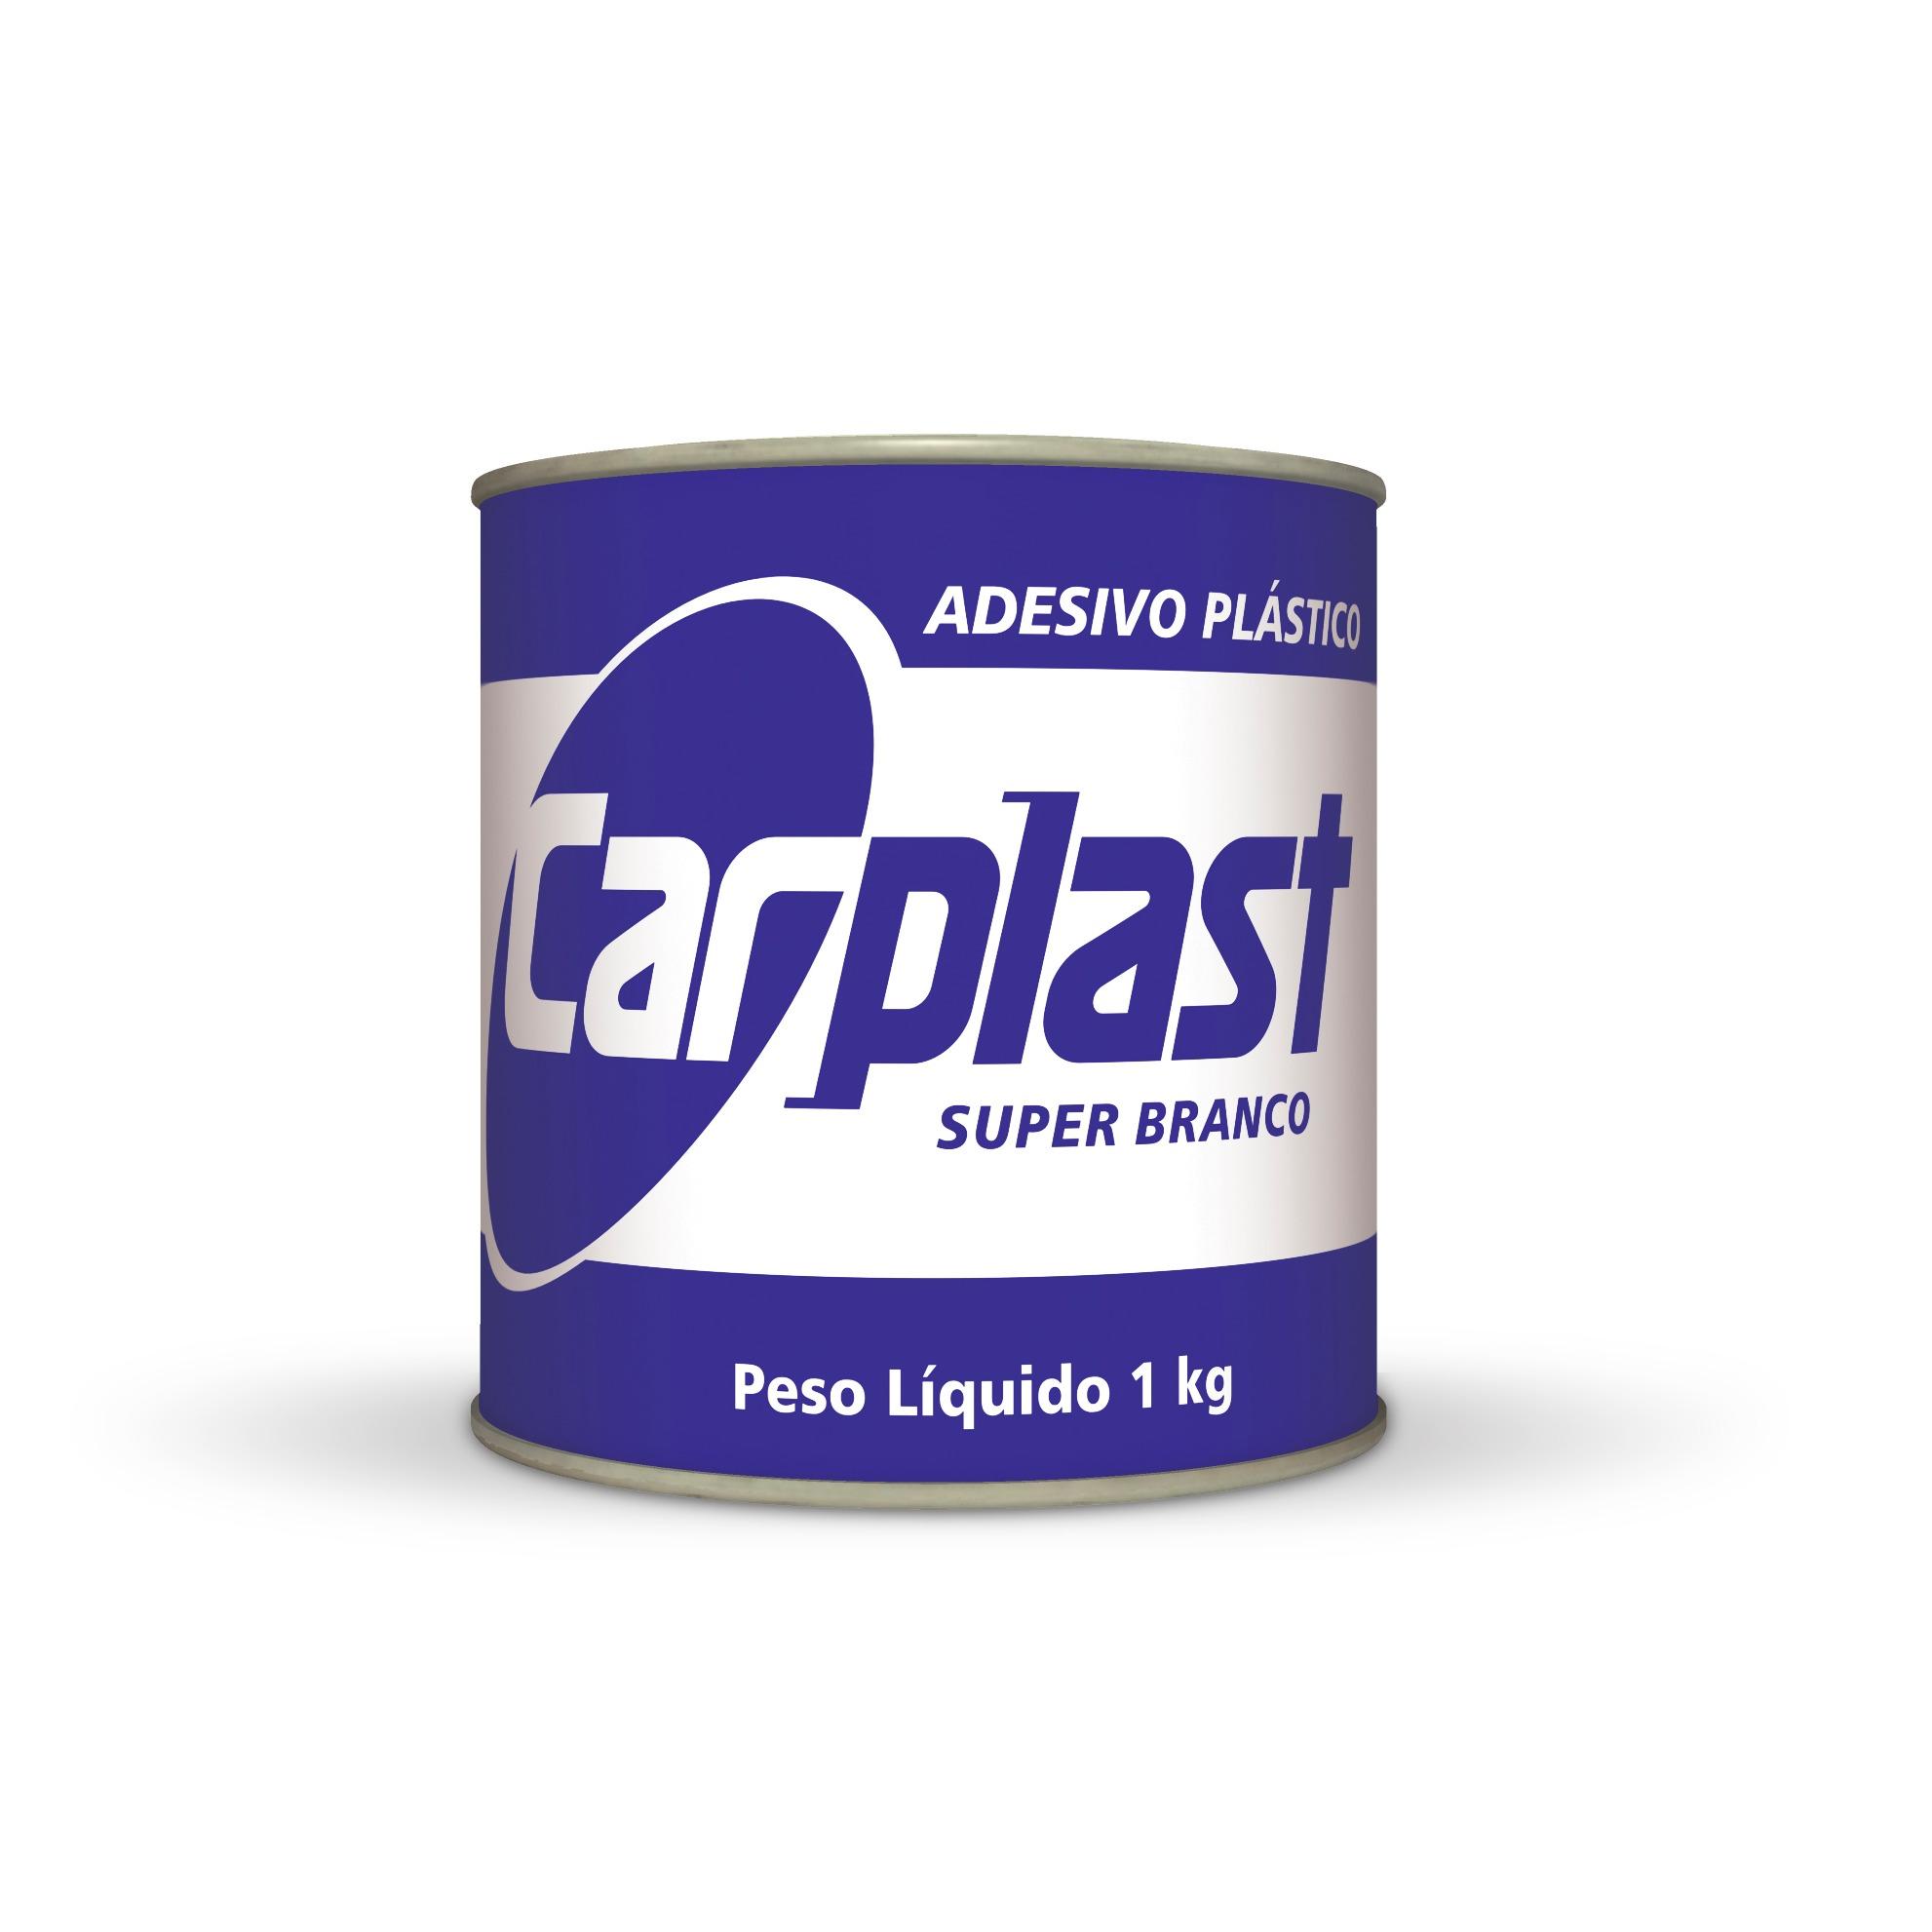 Adhesivo Plástico Blanco Carplast